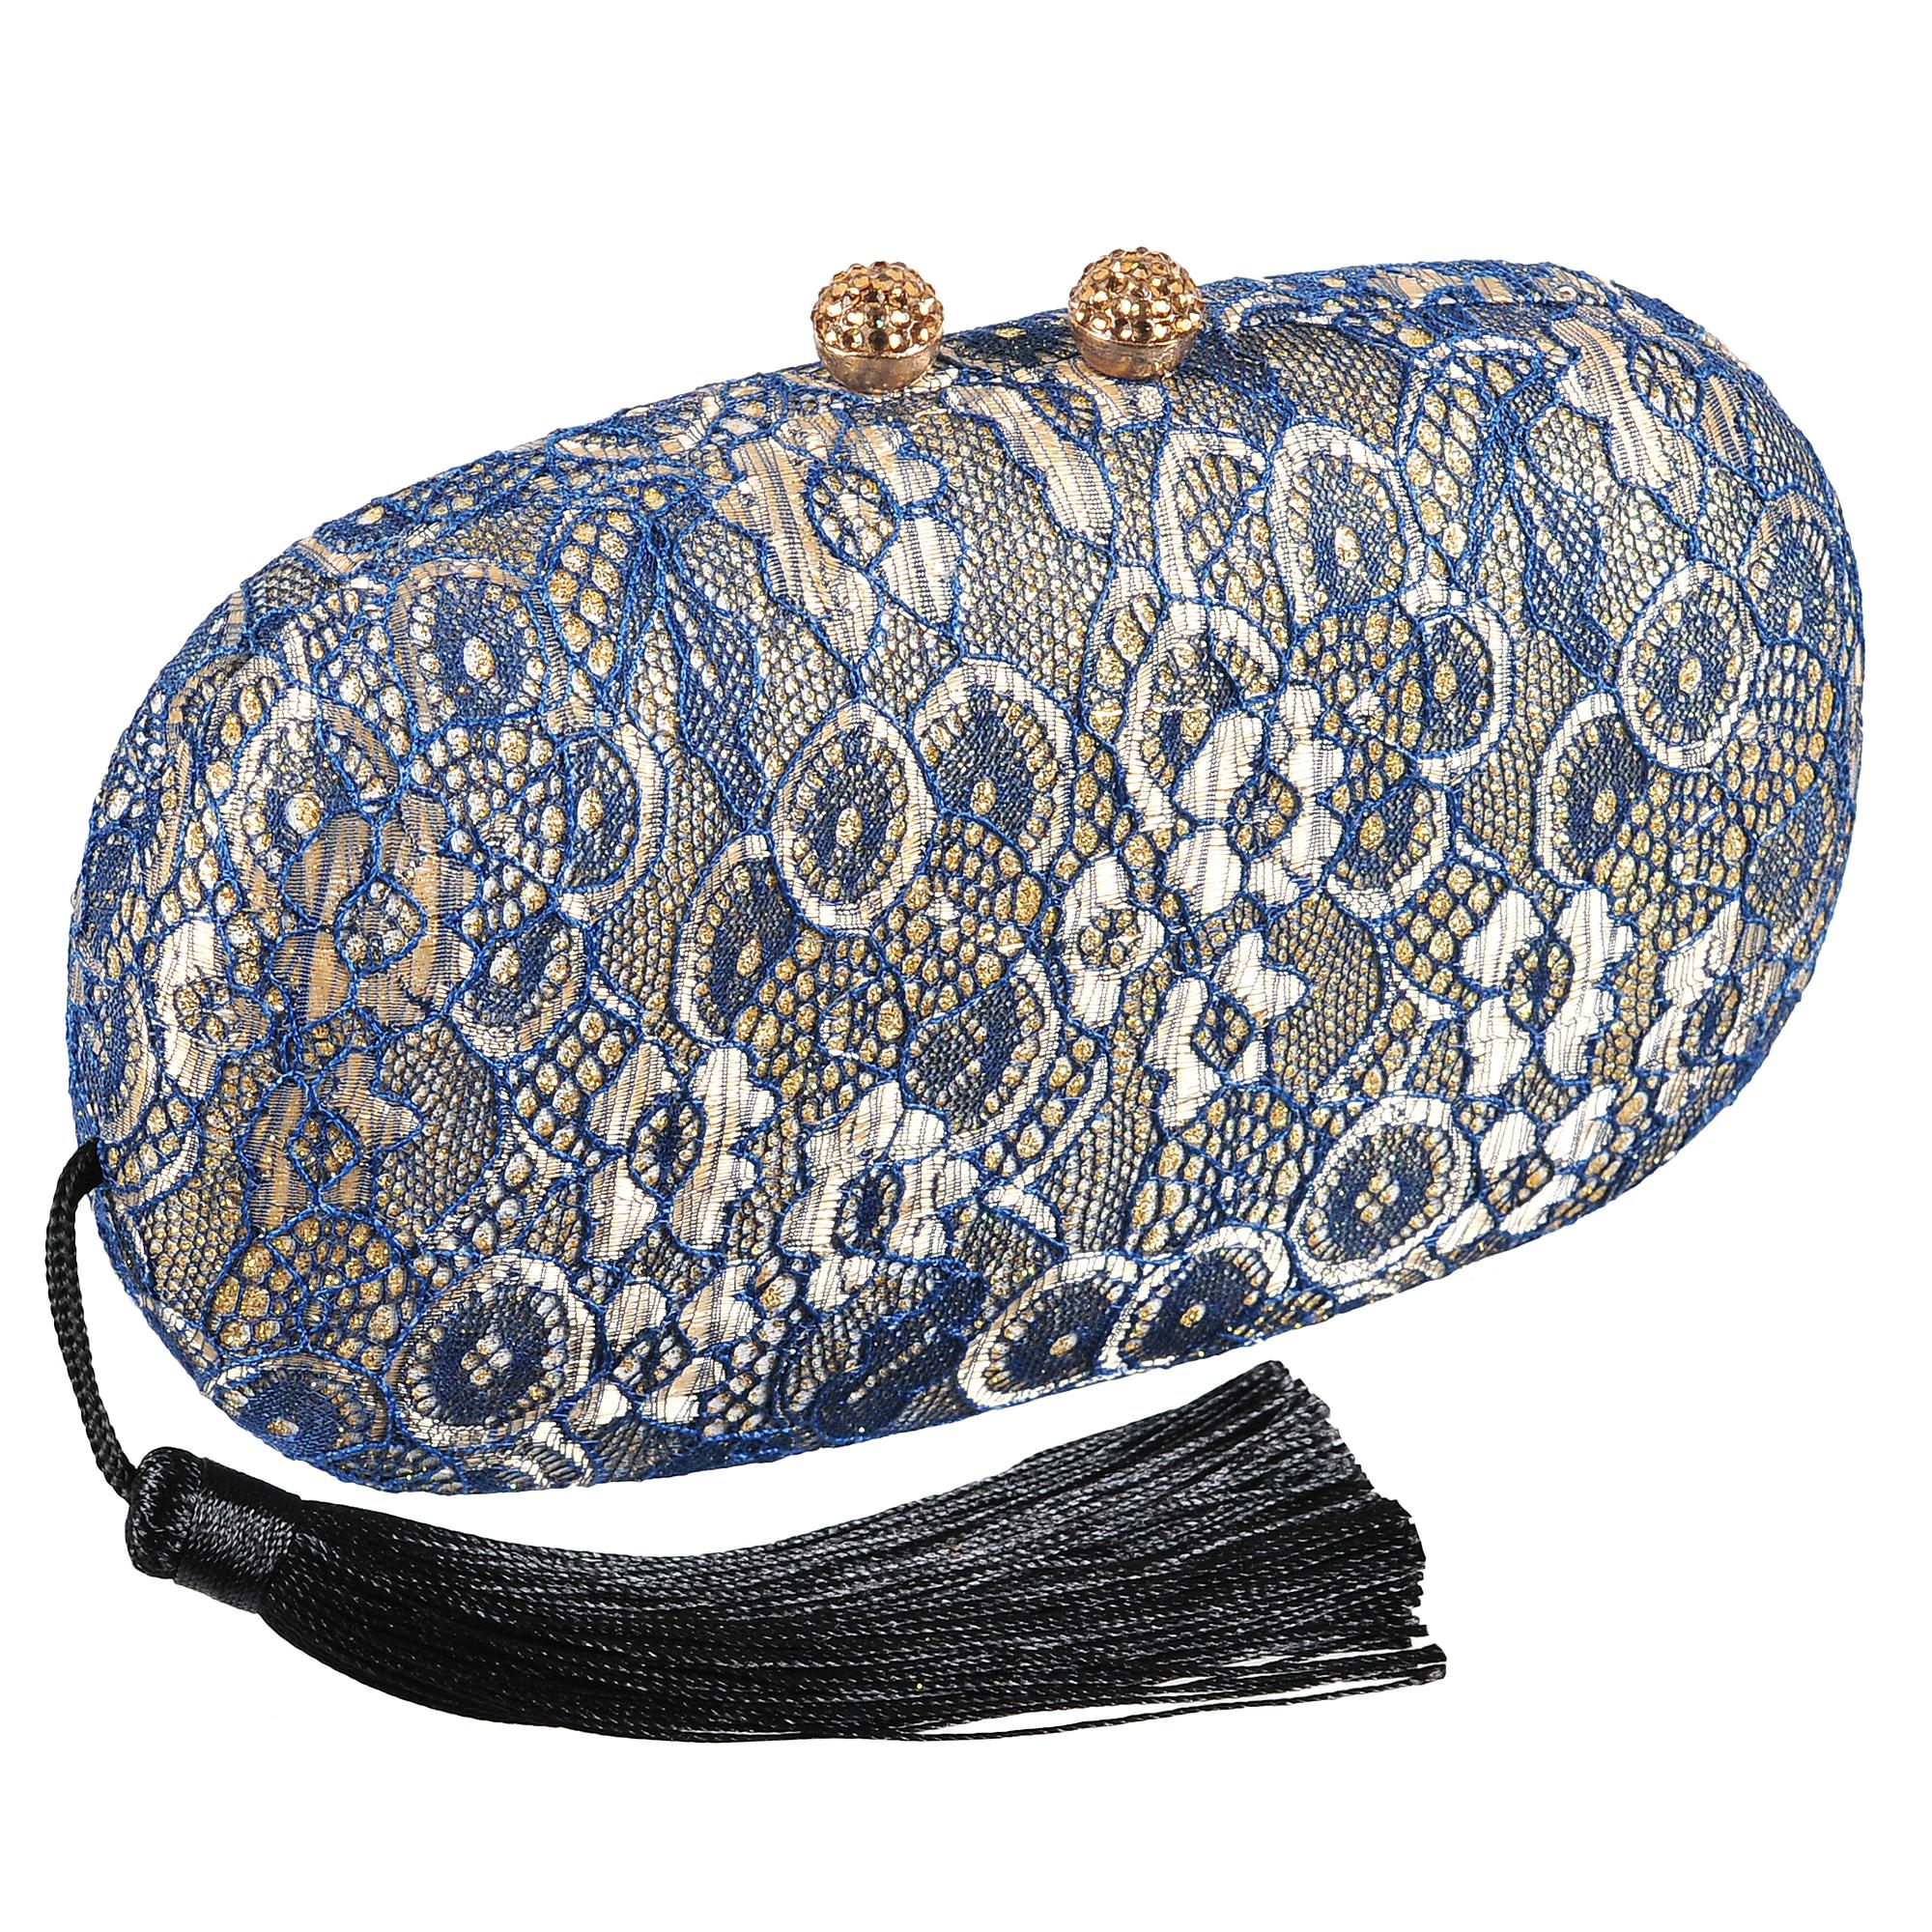 Клатч женский Модные истории, цвет: синий. 3/0239/1803/0239/180Оригинальный клатч закругленной прямоугольной формы с магнитным замочком. Выполнен из текстиля. Декорирован ажурным плетением с блестками. Одно отделение с тканью имитирующей бархат. Имеется ремешок, который позволяет носить клатч на плече. Сбоку текстильная кисточка, которую при желании можно убрать внутрь. Состав: текстиль, металл. Размер: 17,5*9,5 см.